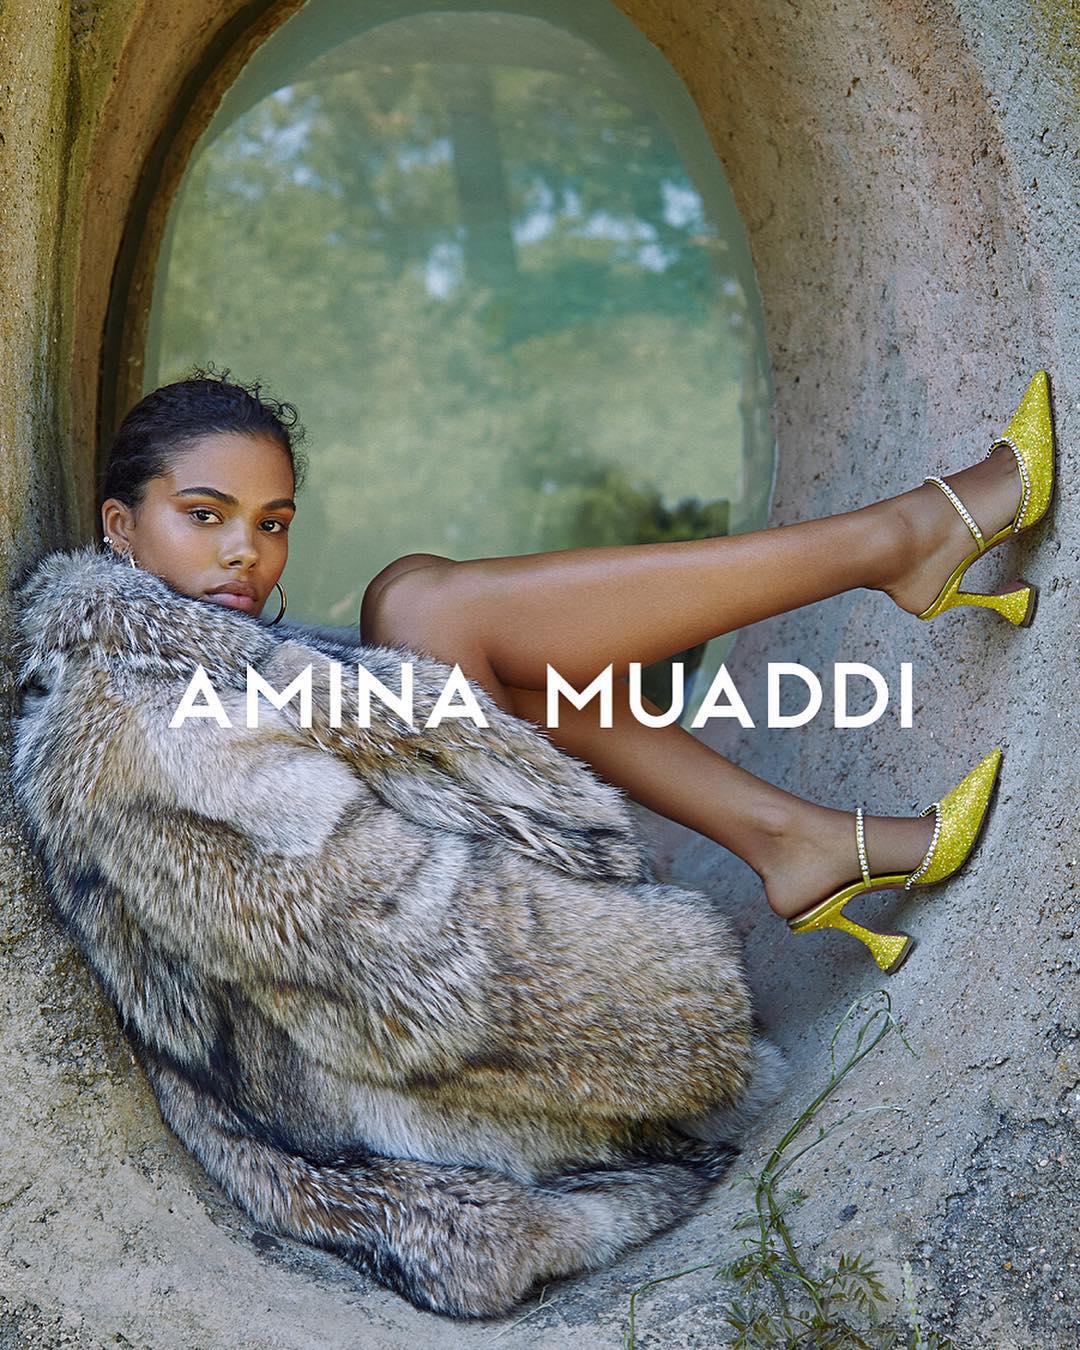 Тина Кунаки в рекламной кампании Amina Muaddi